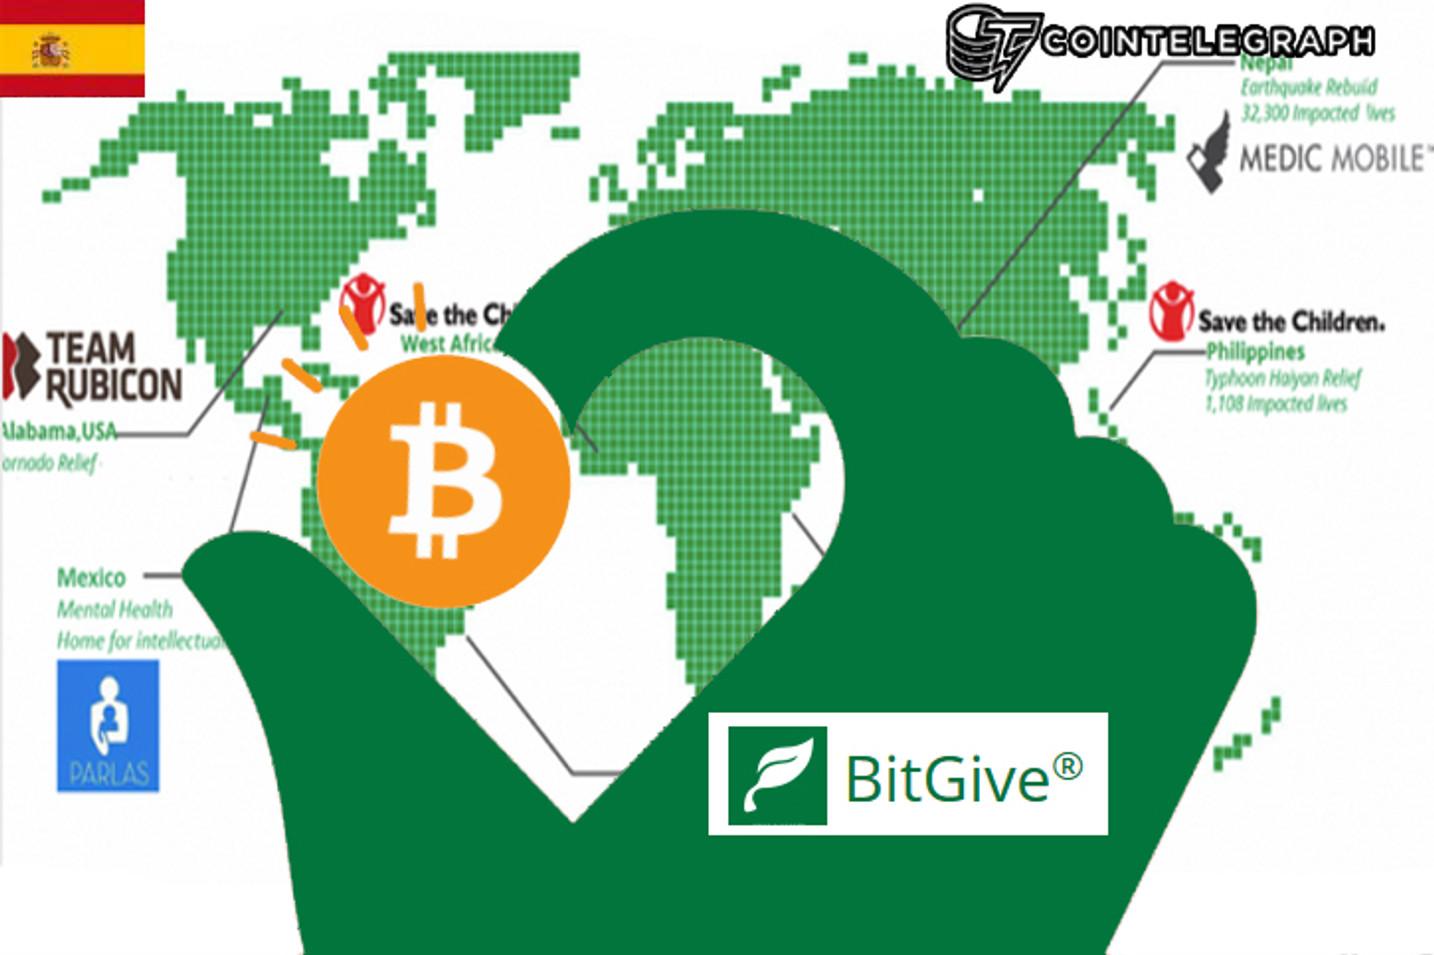 La filantropía y caridad son más efectivas gracias al Bitcoin y la tecnología Blockchain